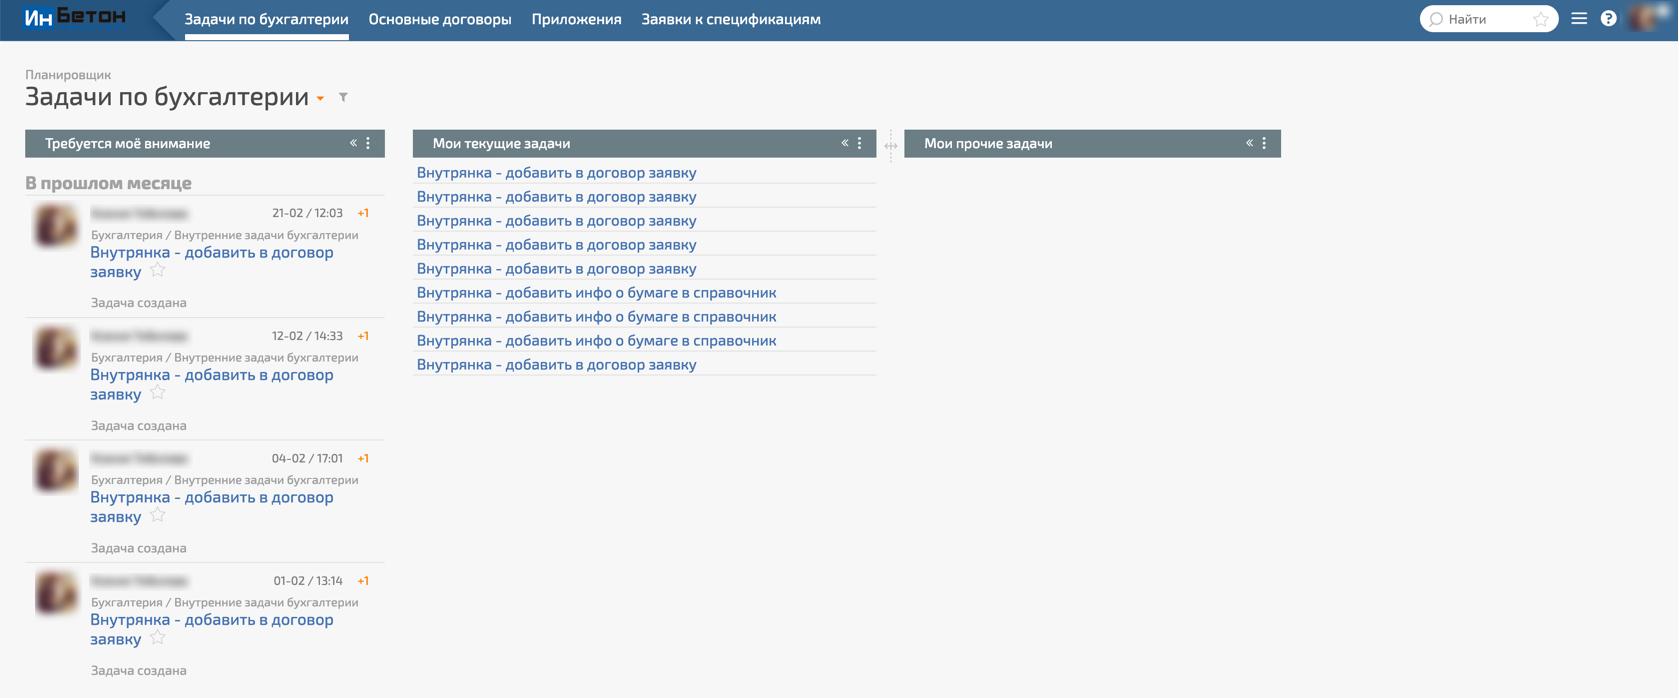 Интерфейс рабочего места бухгалтера производственного предприятия в ПланФиксе